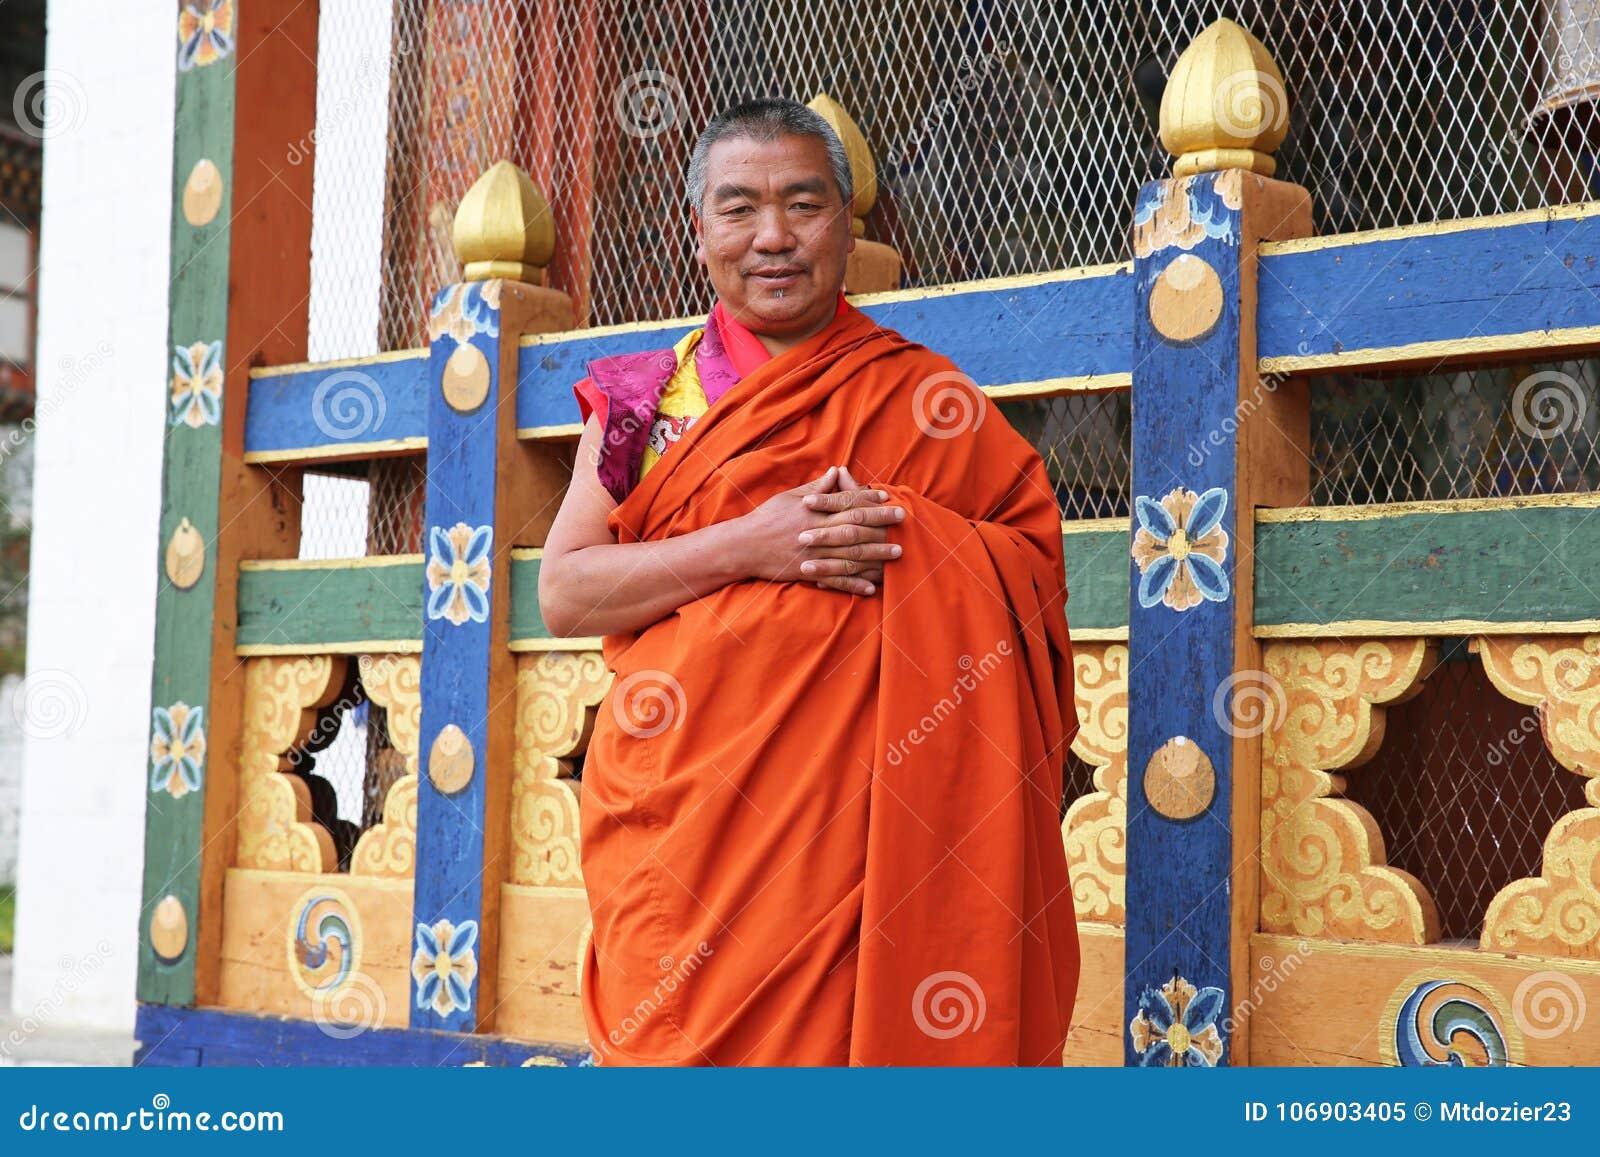 Obrabowywać michaelita pozy dla Kolorowej sceny w Bhutan